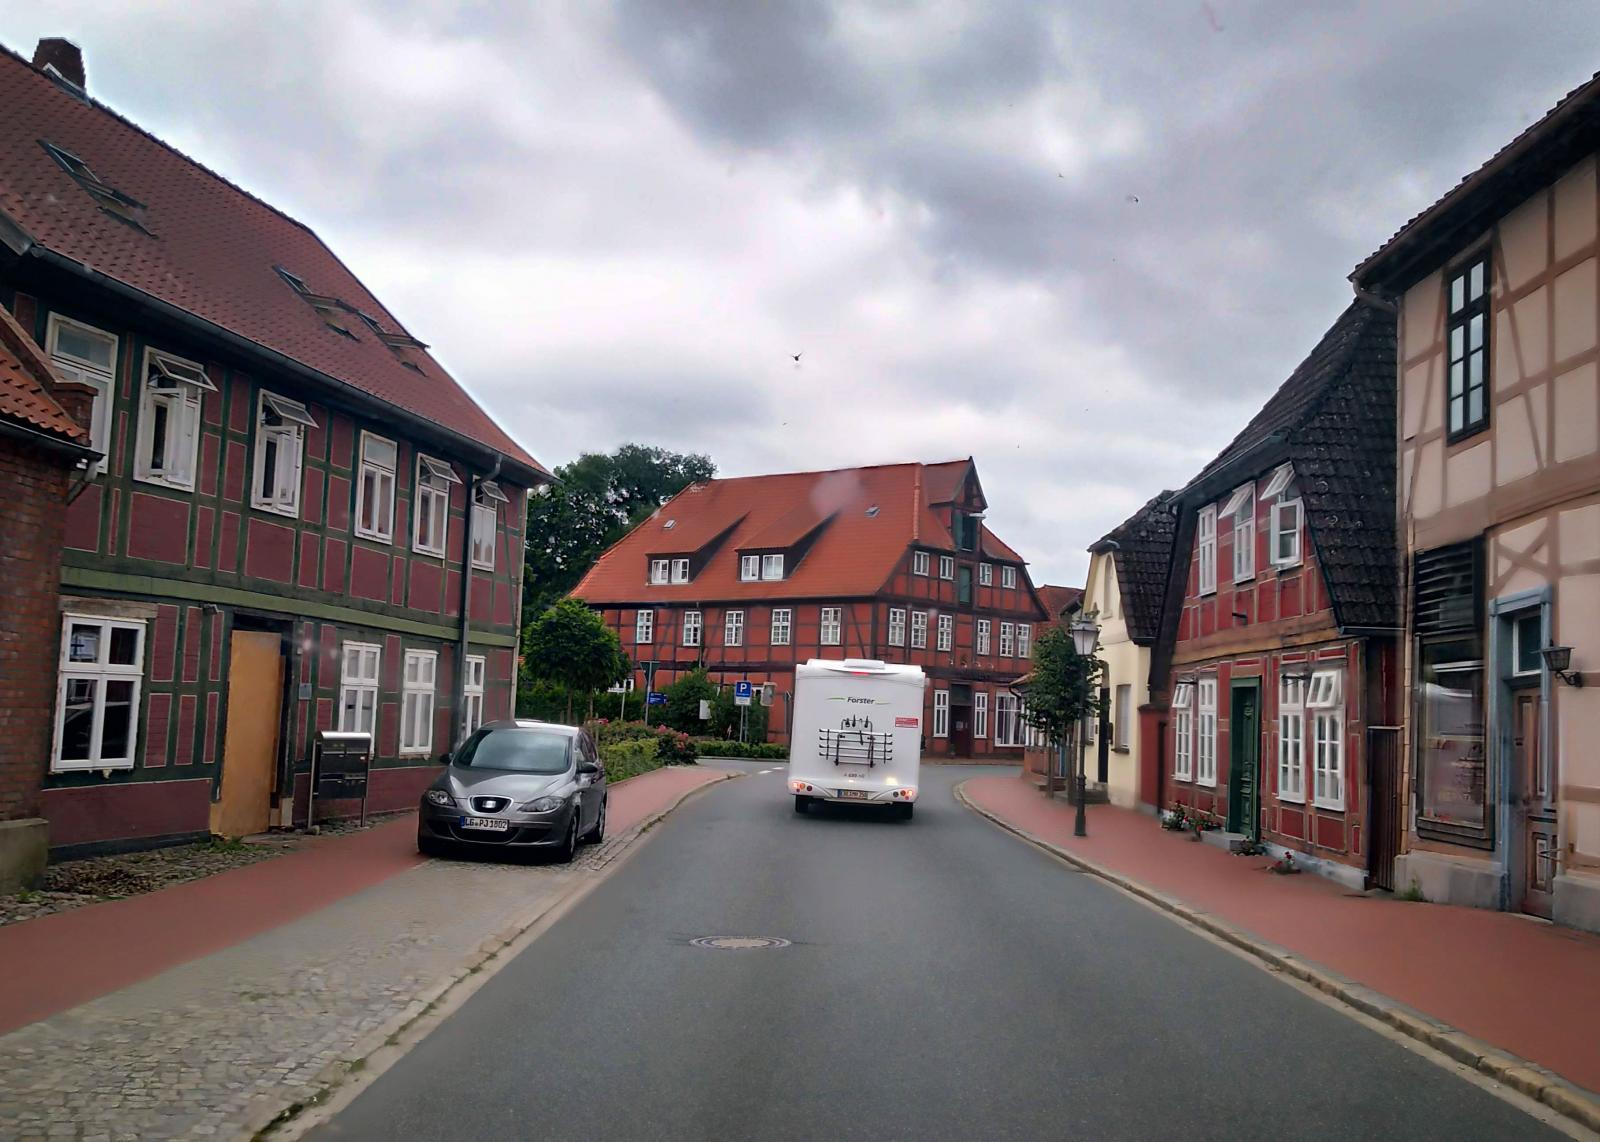 Färden fortsätter sedan längs Elbe där det finns fler mysiga städer.